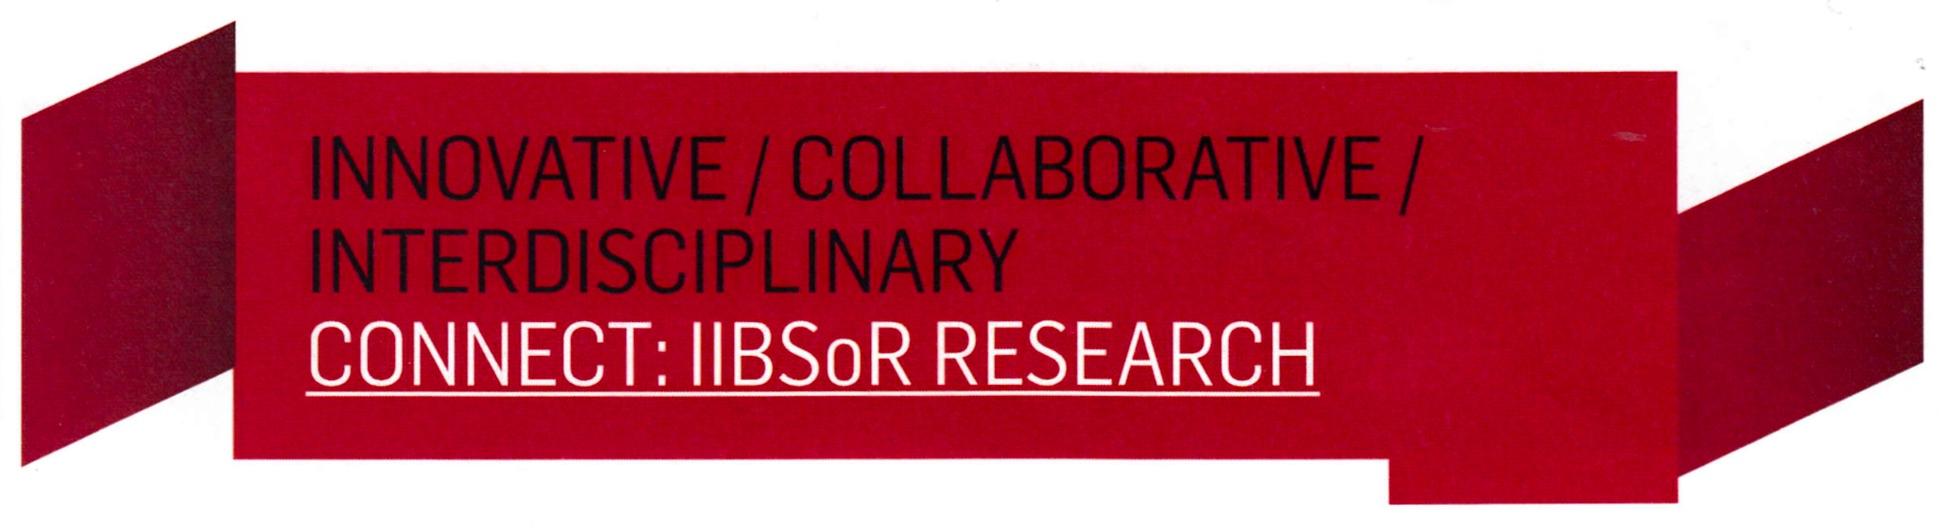 2012-July-IIBSOR-Research-Retreat-Program_pdf__page_3_of_5_.jpg